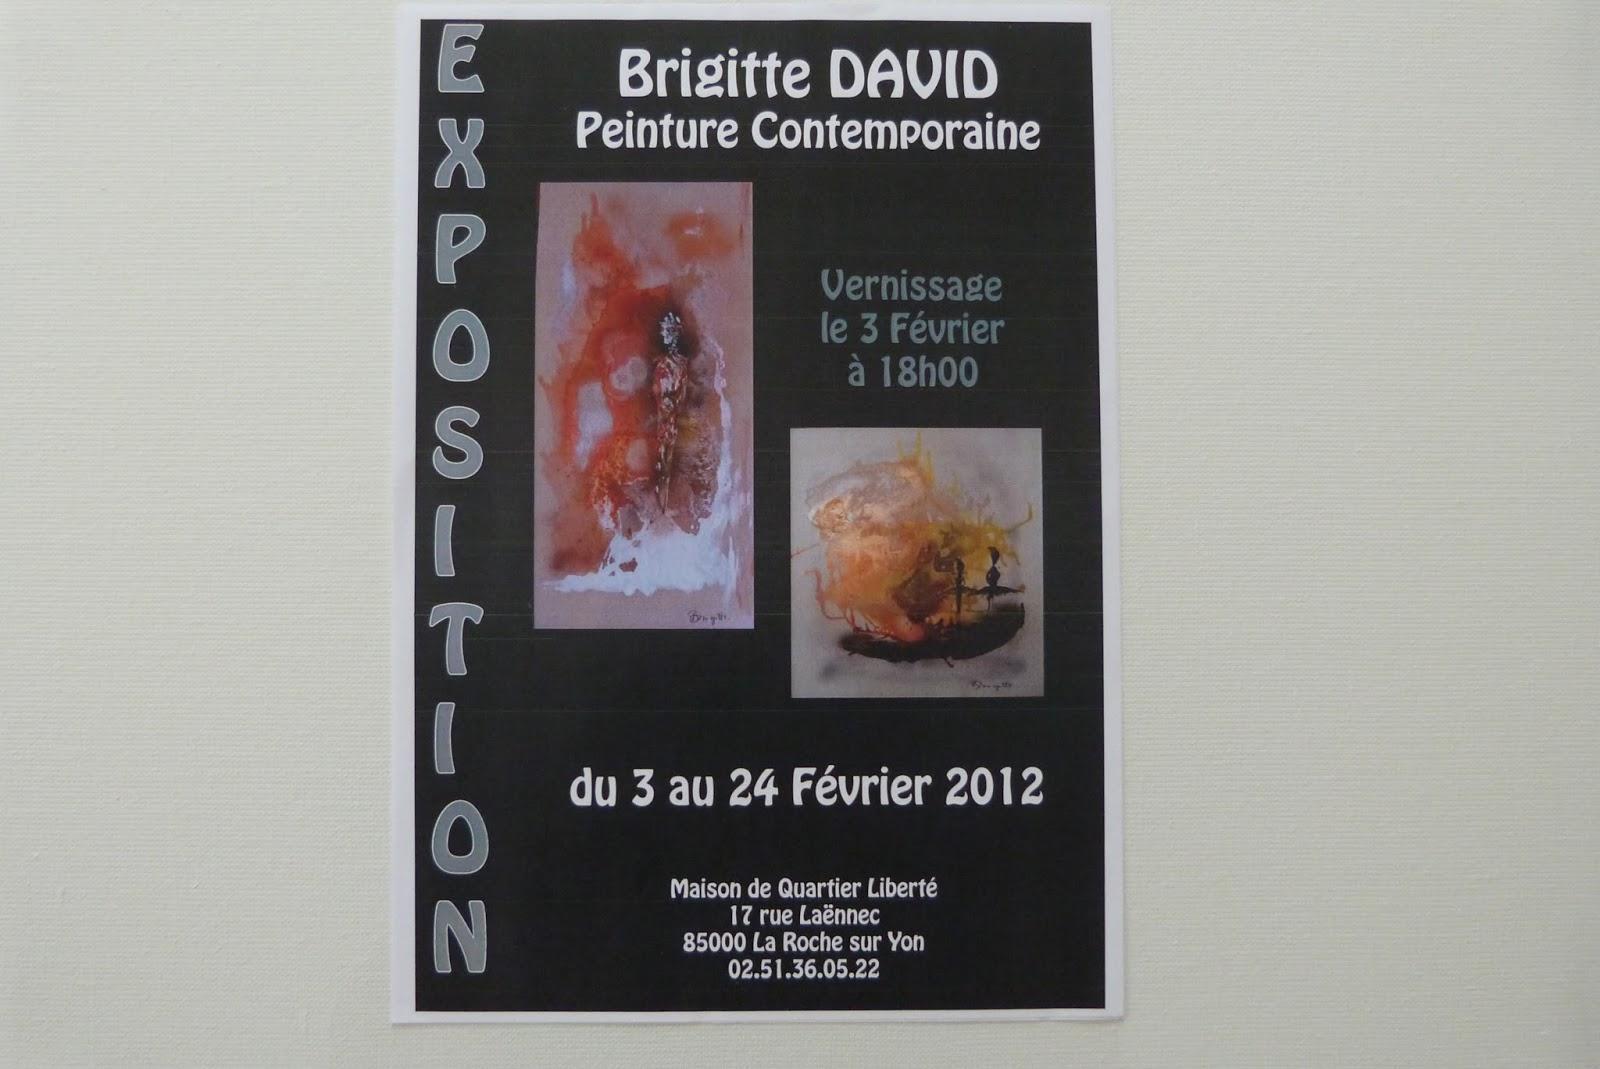 Brigitte David Peinture Contemporaine Articles De